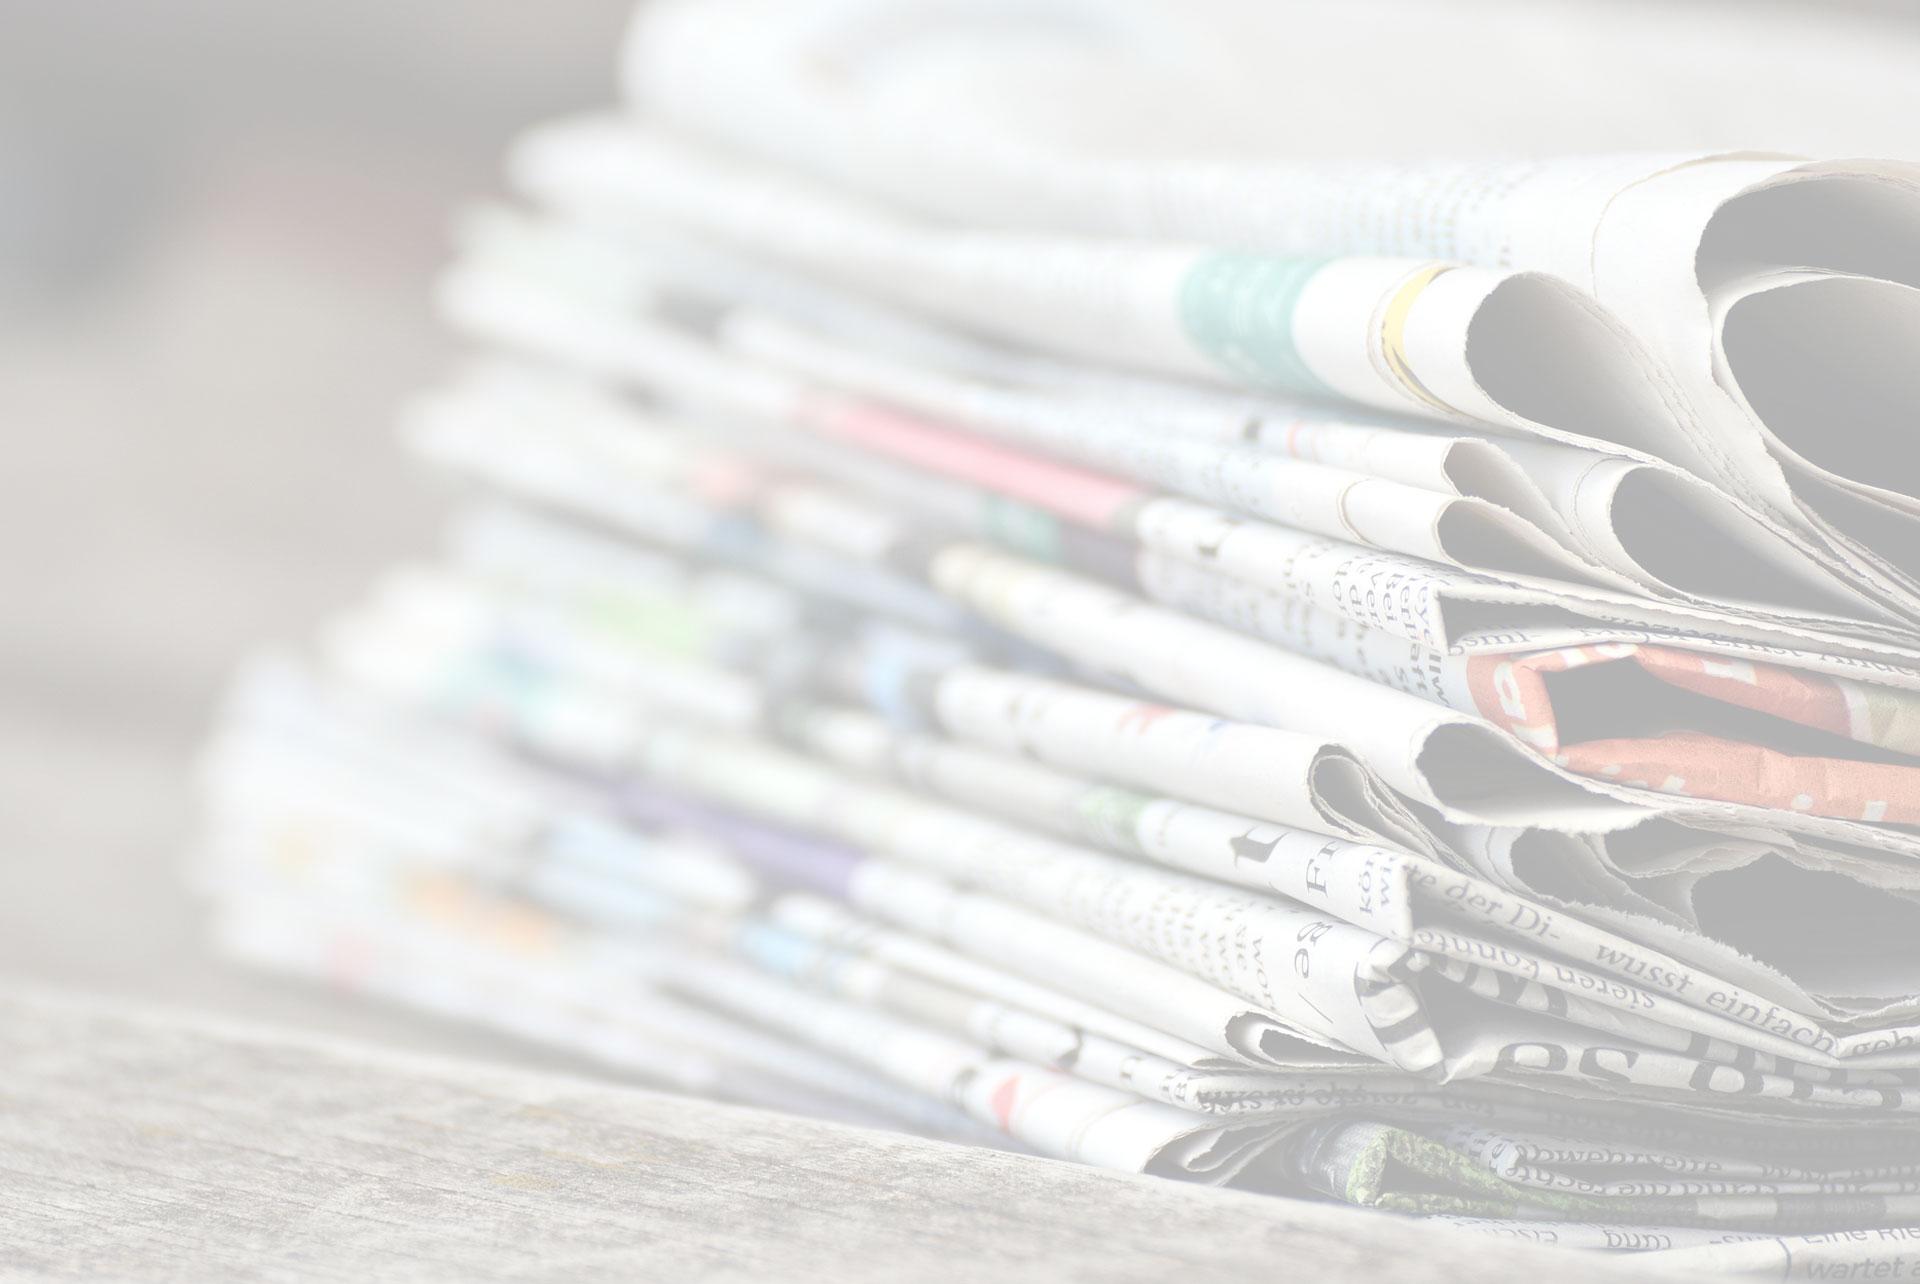 Gennaro Gattuso Raoul Bellanova Milan-Arsenal Milan-Chievo Juventus-Milan